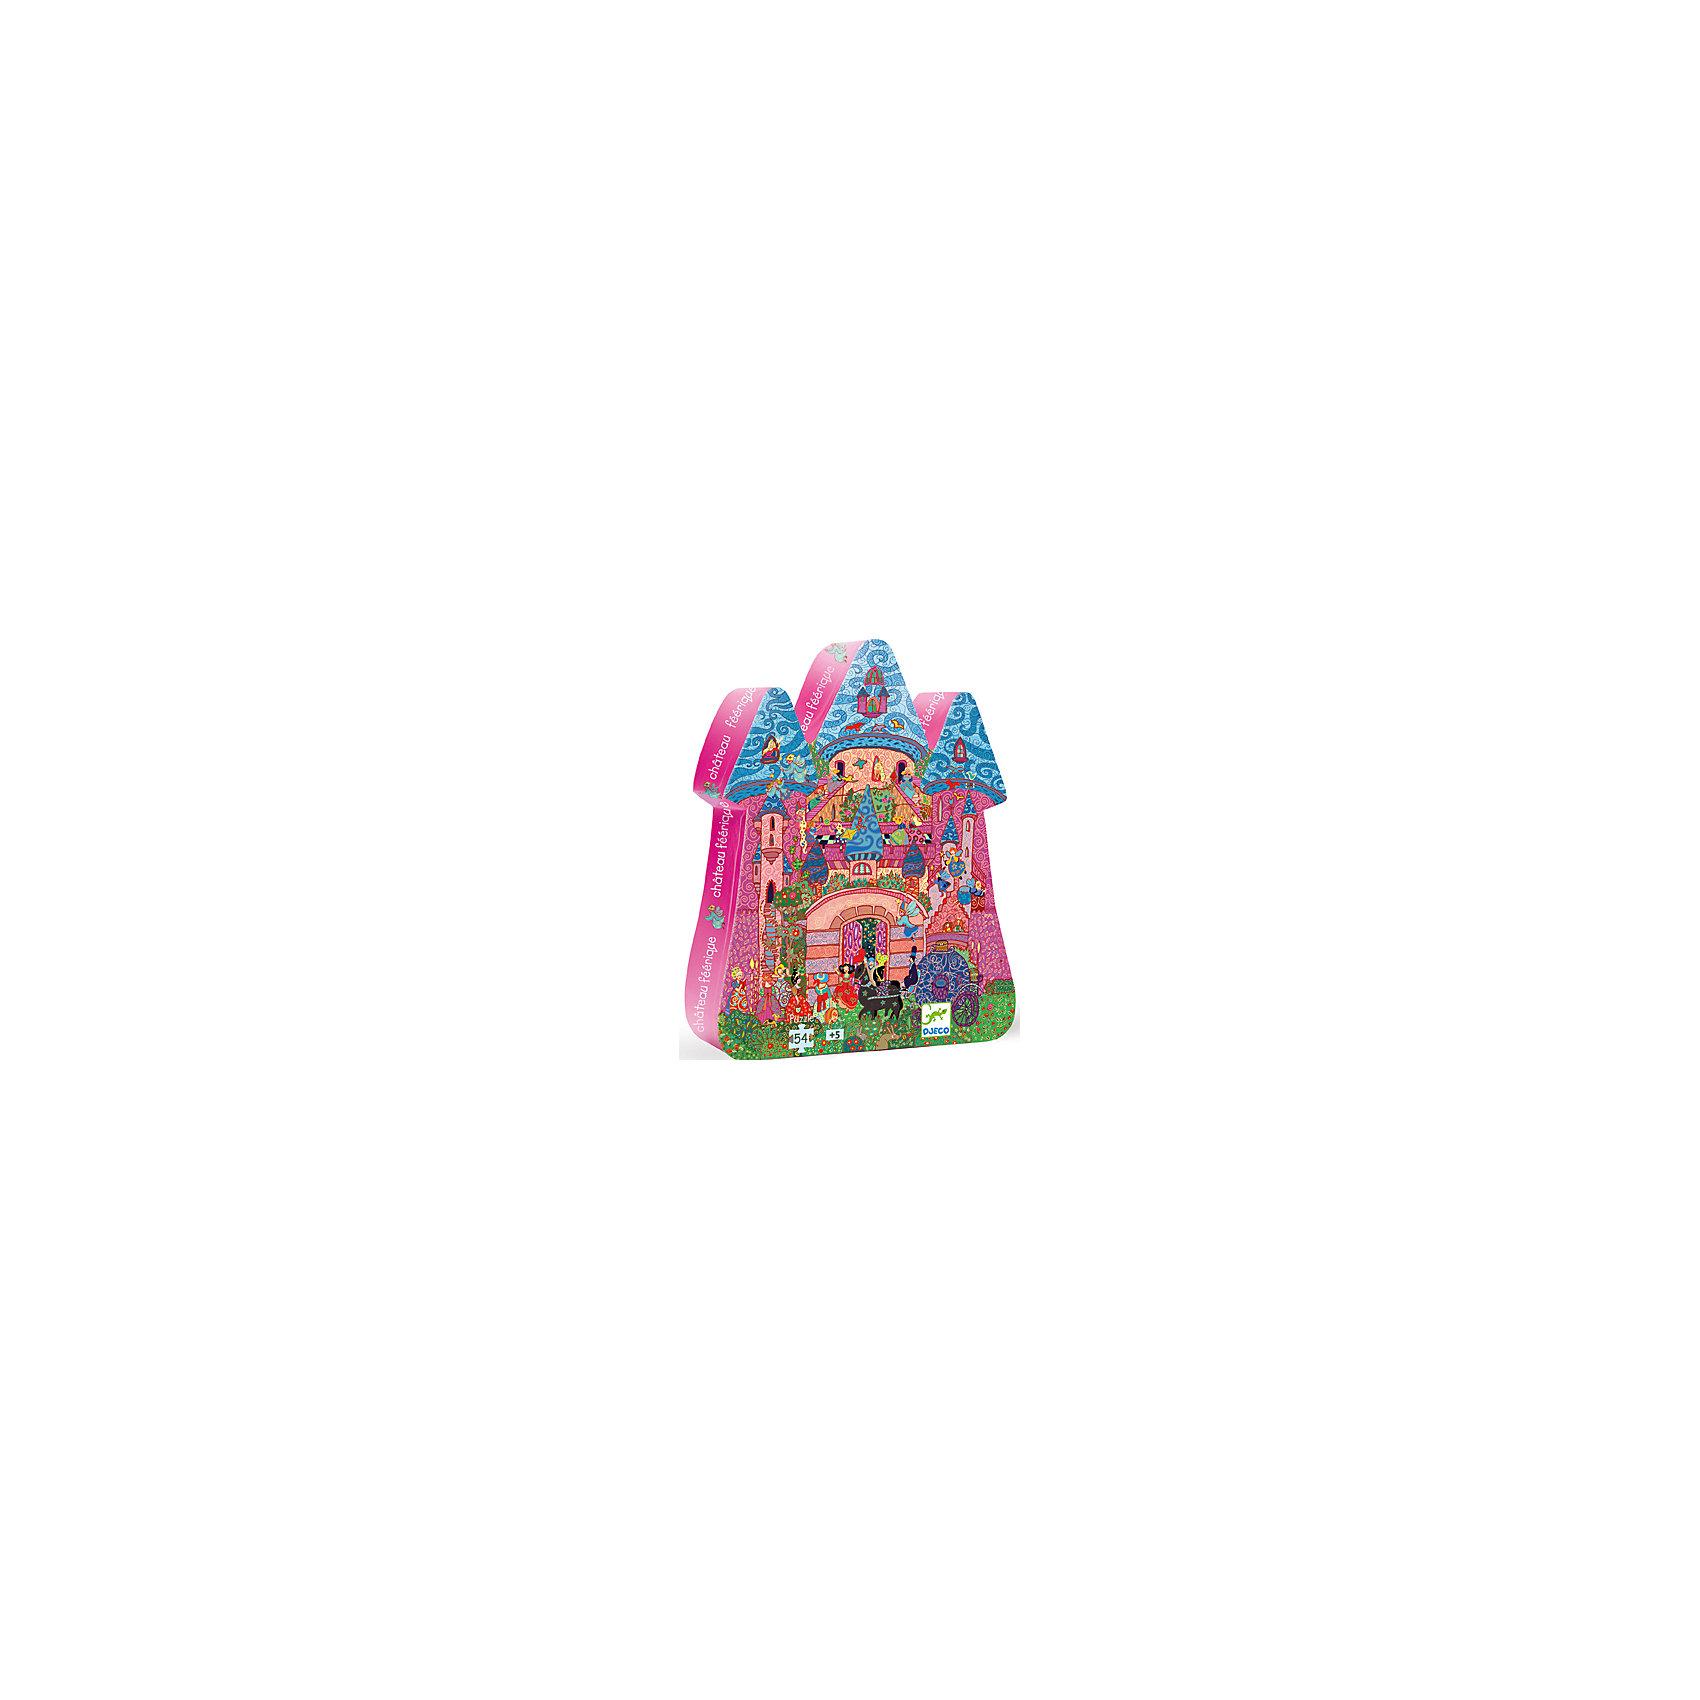 Пазл Сказочный замок, 54 детали, DJECOдо 100 деталей<br>Пазл Сказочный замок от фирмы Djeco произведет впечатление на маленьких любителей неторопливого развлечения. Мозаика - увлекательное занятие для всей семьи. По картинке необходимо собрать целое изображение из 54 деталей разной формы. Подбирая необходимые пазлы по цветам и изображенным деталям, дети учатся мыслить логически, развивается память и внимание. Используя в игре маленькие предметы, ребенок тренирует мелкую моторику пальцев рук. На картинке очень много ярких маленьких деталей. Шумный праздничный город, в котором проживает много людей, у каждого своя комната в замке и своя история. Когда пазл будет собран, ребенок увидит картину реальной жизни в мифическом городе. Фантазируя, он может описать ее и придумать сюжет дальнейшего развития. Игрушки фирмы Djeco носят образовательный и развлекательный характер, развивают воображение и художественный вкус. Вся выпускаемая продукция отвечает высоким стандартам качества и безопасна для здоровья детей. В наборе 54 детали.<br><br>Ширина мм: 300<br>Глубина мм: 230<br>Высота мм: 60<br>Вес г: 760<br>Возраст от месяцев: 36<br>Возраст до месяцев: 1188<br>Пол: Унисекс<br>Возраст: Детский<br>SKU: 4761461